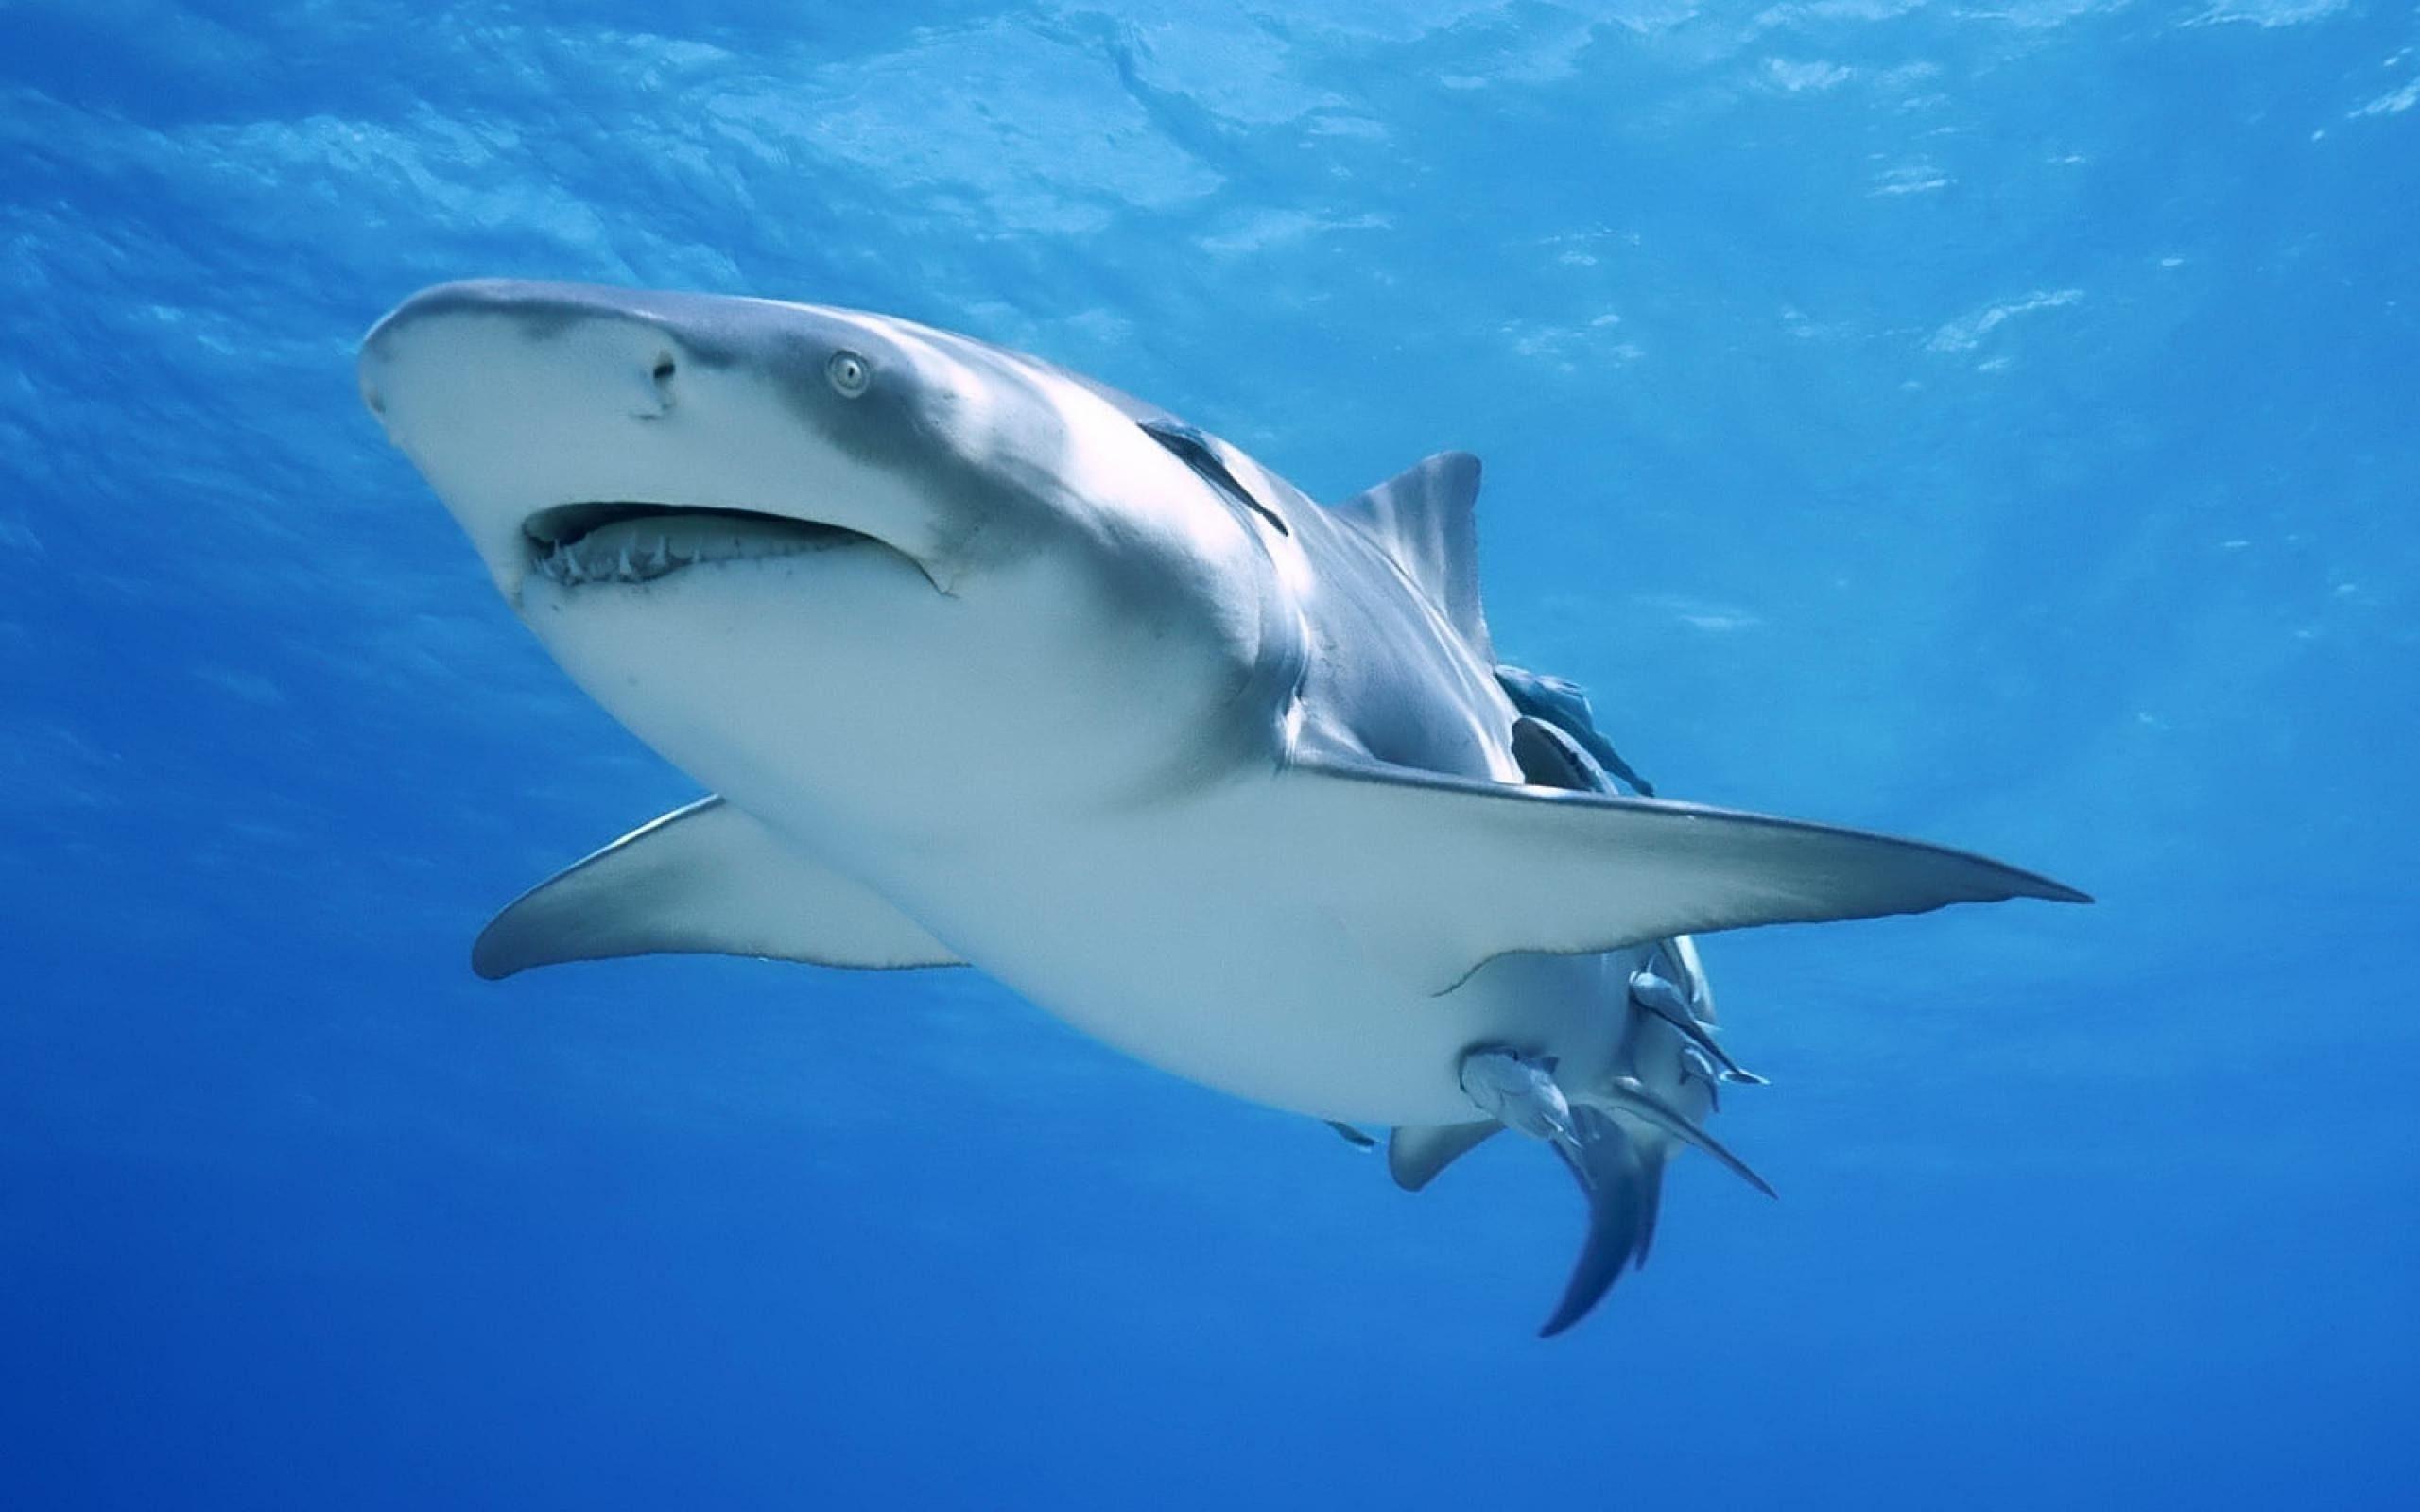 Le Requin Oceanique Animale Photographie Fond D Ecran 2560x1600 Fond D Ecran Telecharger 10wallpaper Com Underwater Animals Animals Animal Photography